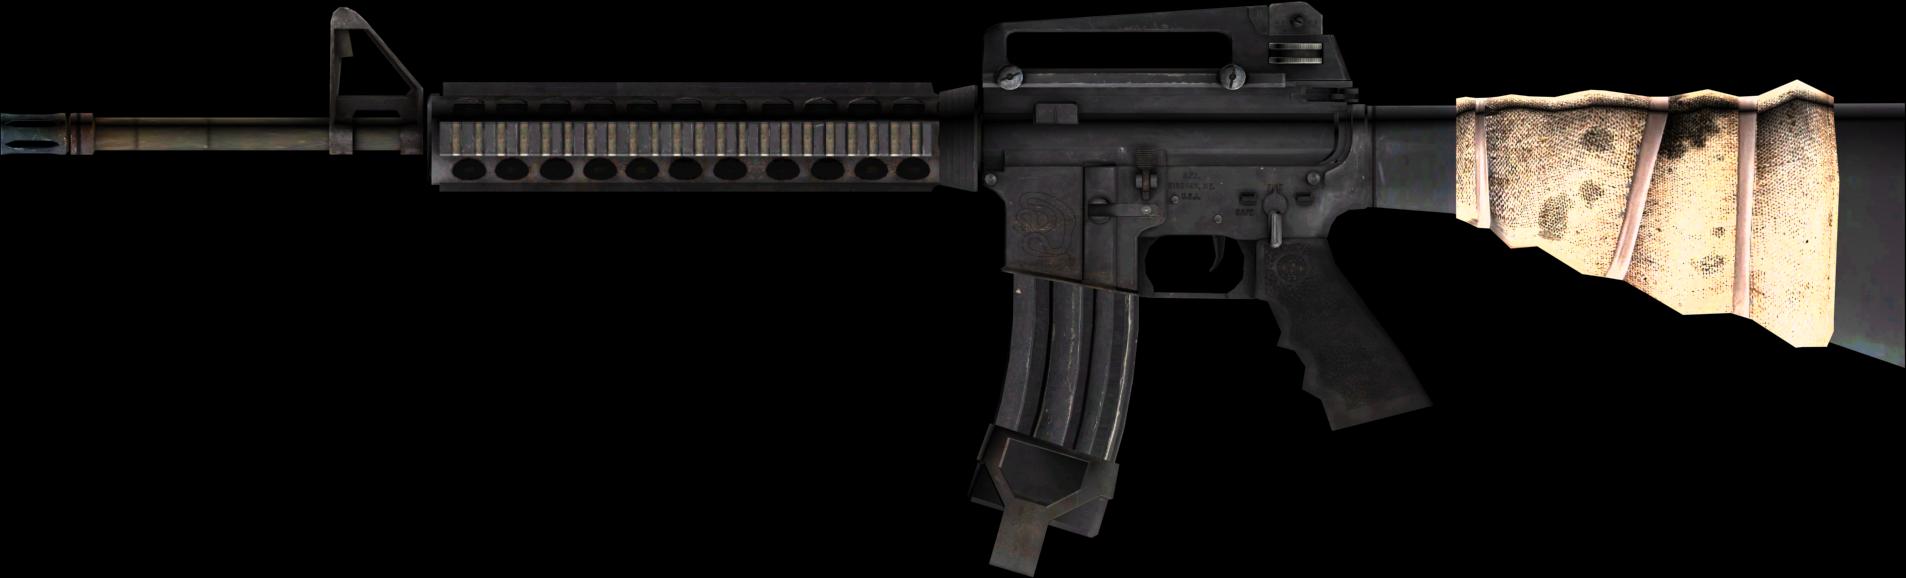 M16 USA assault rifle PNG